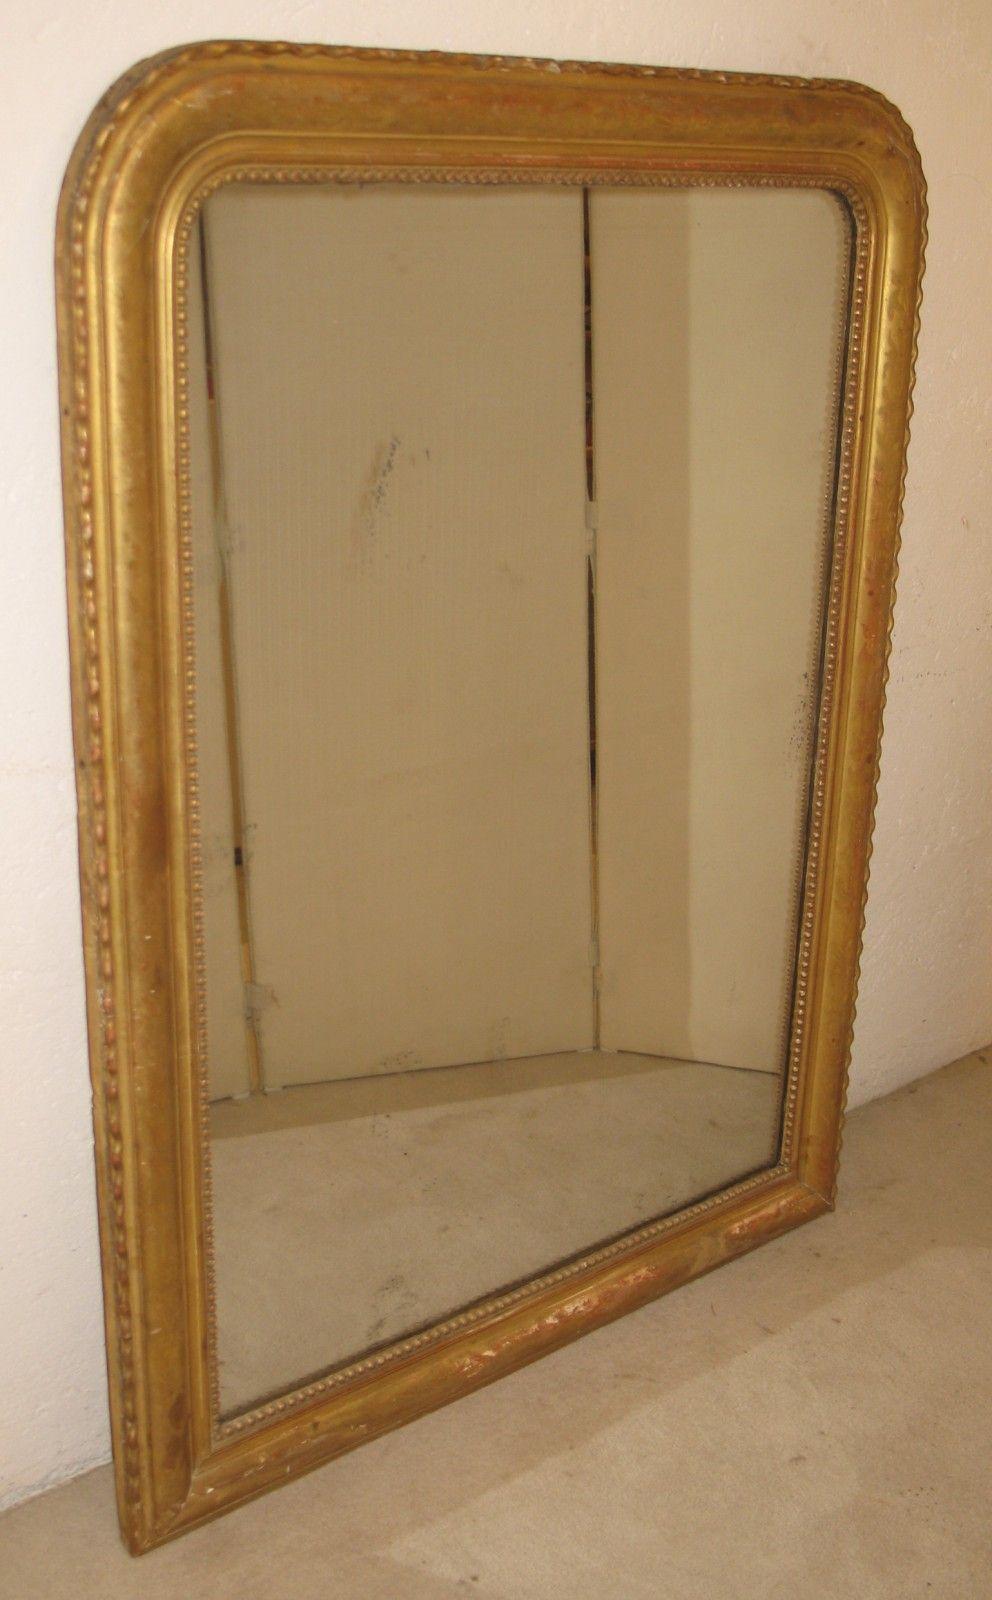 grand miroir louis philippe avec cadre bois dore epoque 19eme ...